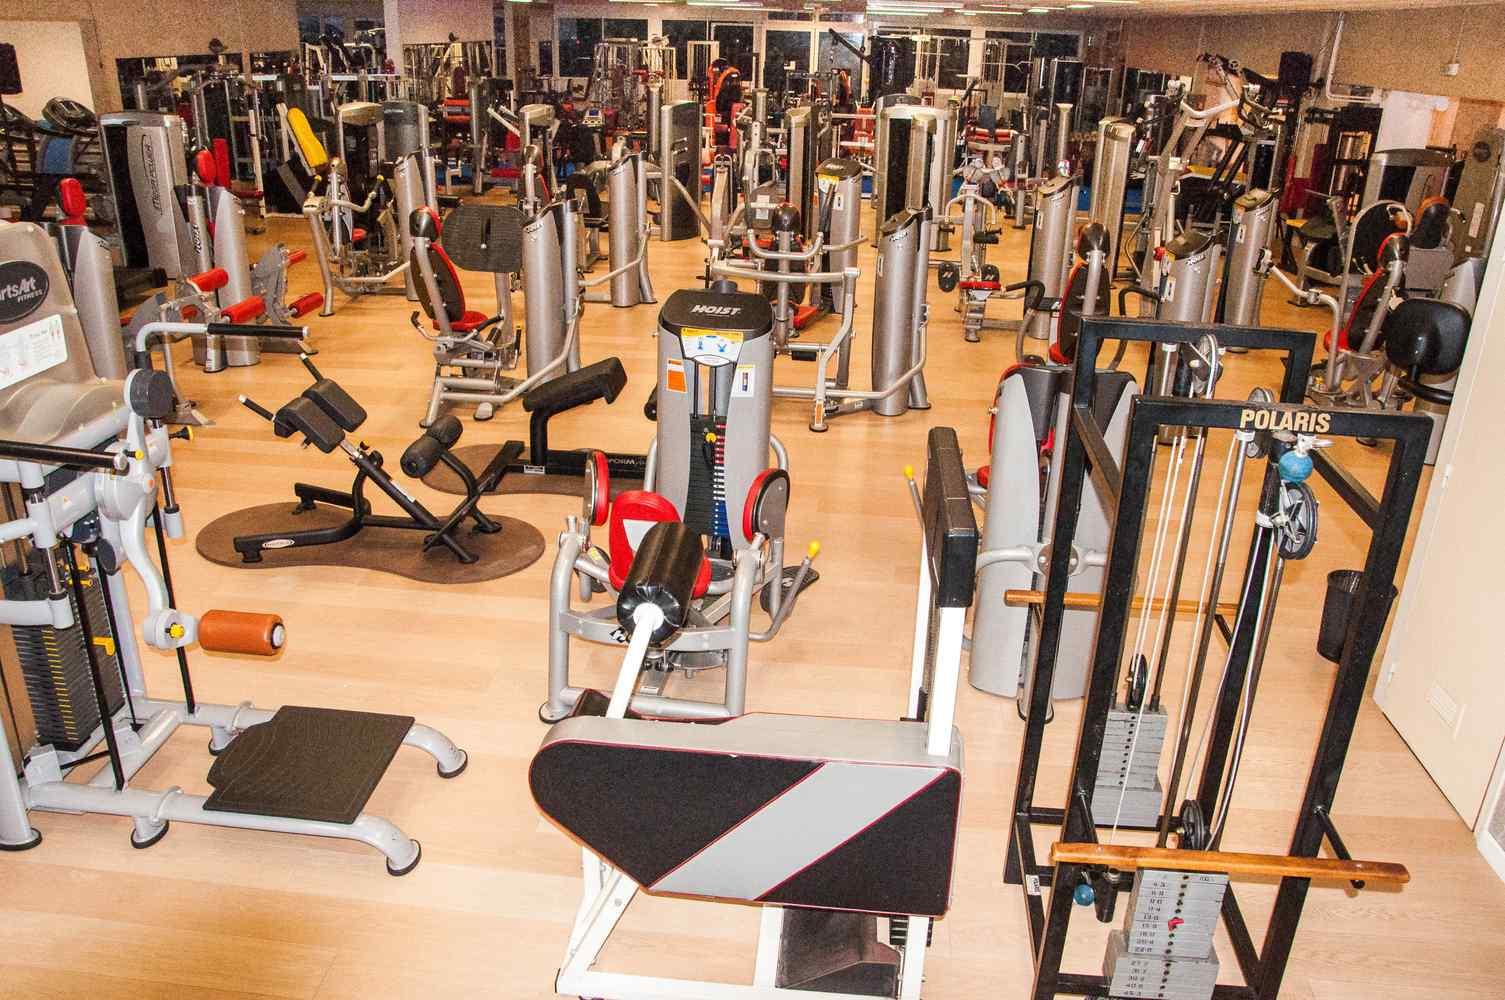 fleming sportcenter club de sport fitness et remise en forme caen. Black Bedroom Furniture Sets. Home Design Ideas